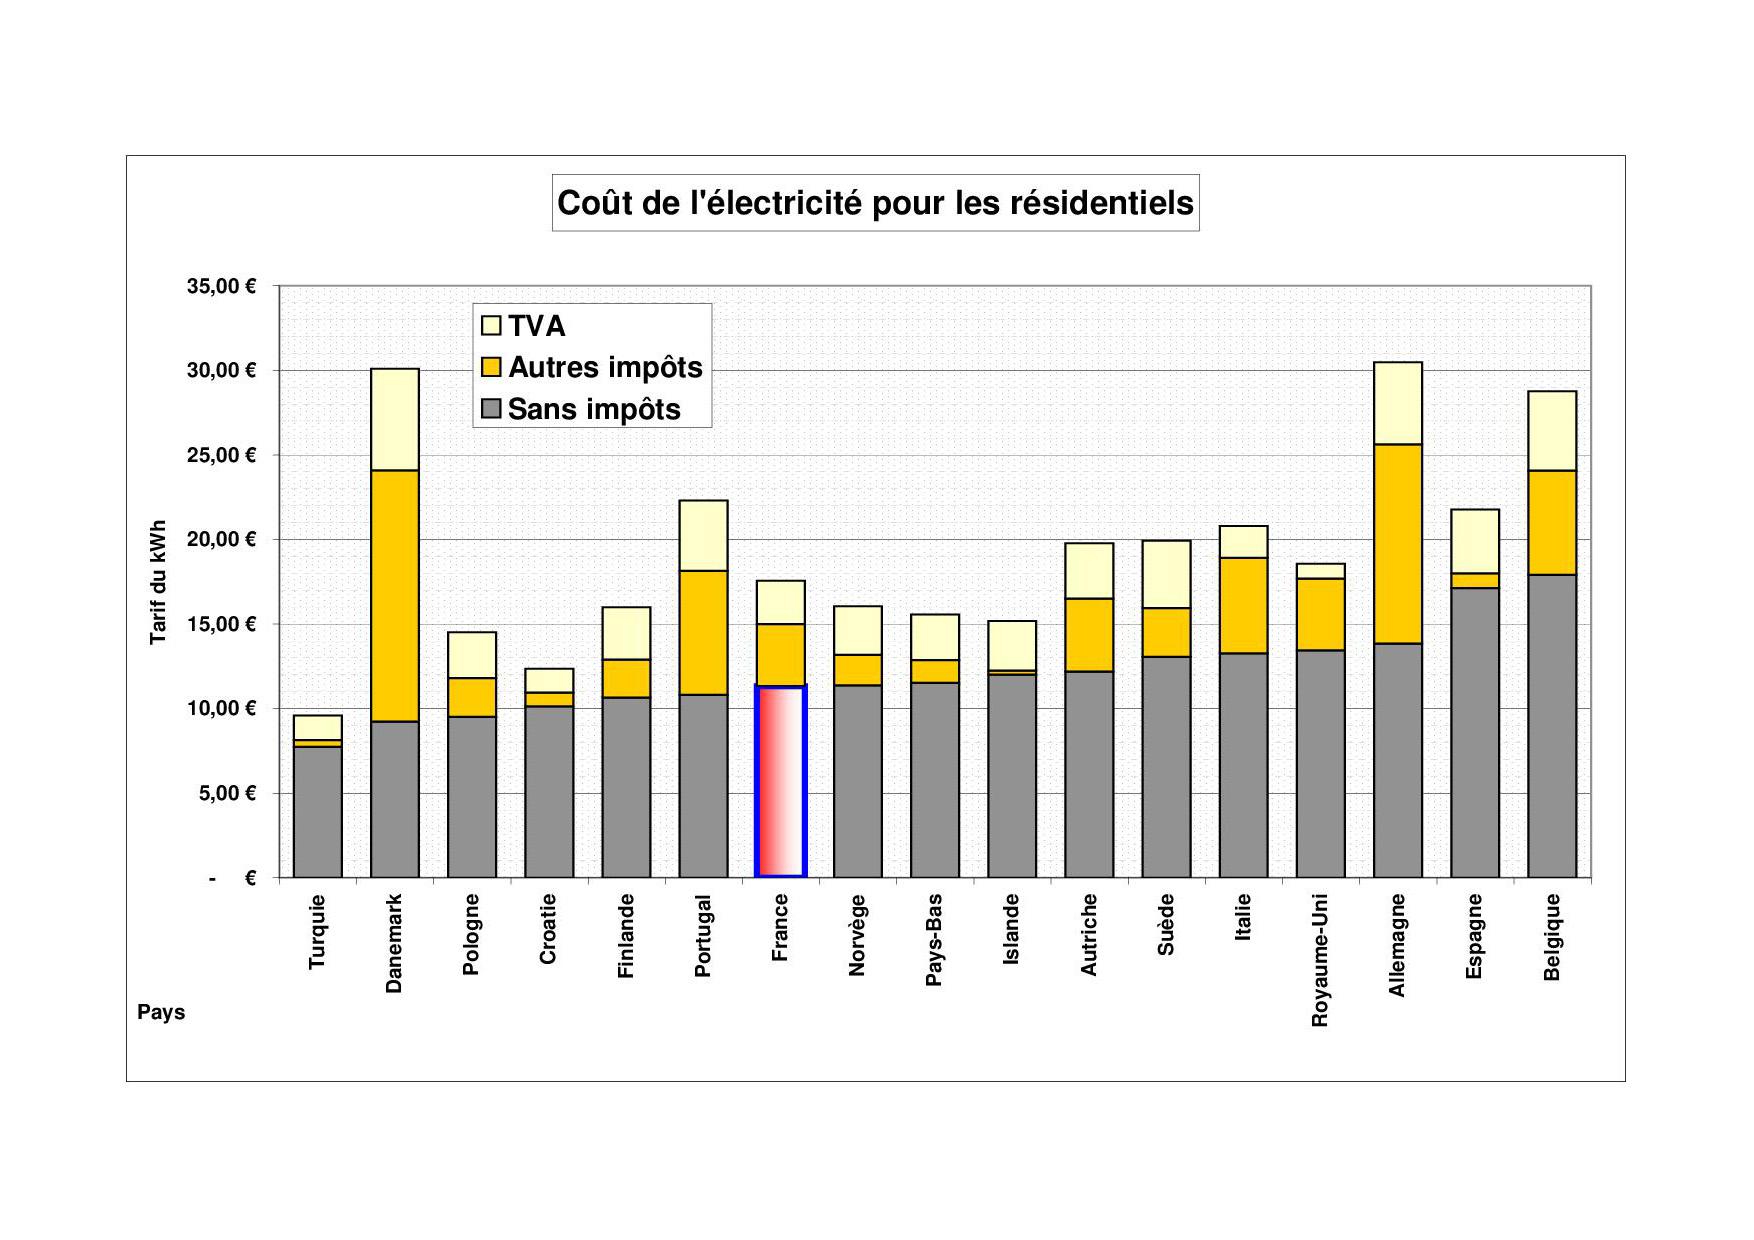 Le coût de l'électricité résidentielle en Europe